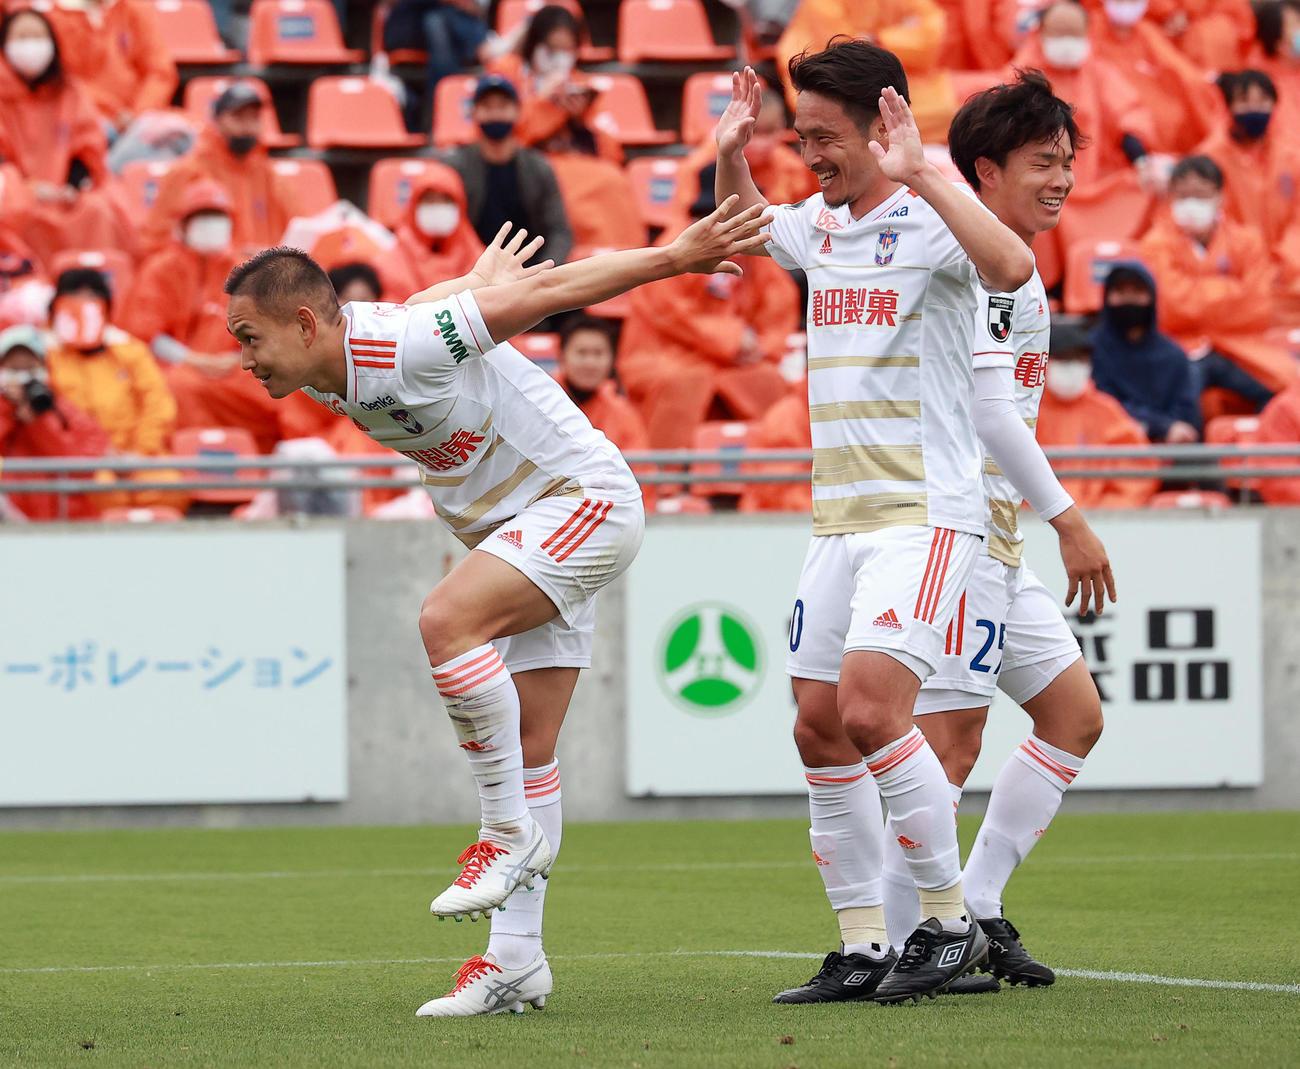 大宮対新潟 前半、ゴールを決めた新潟早川(左)はスタンドに羽ばたくようなポーズを決める(撮影・浅見桂子)